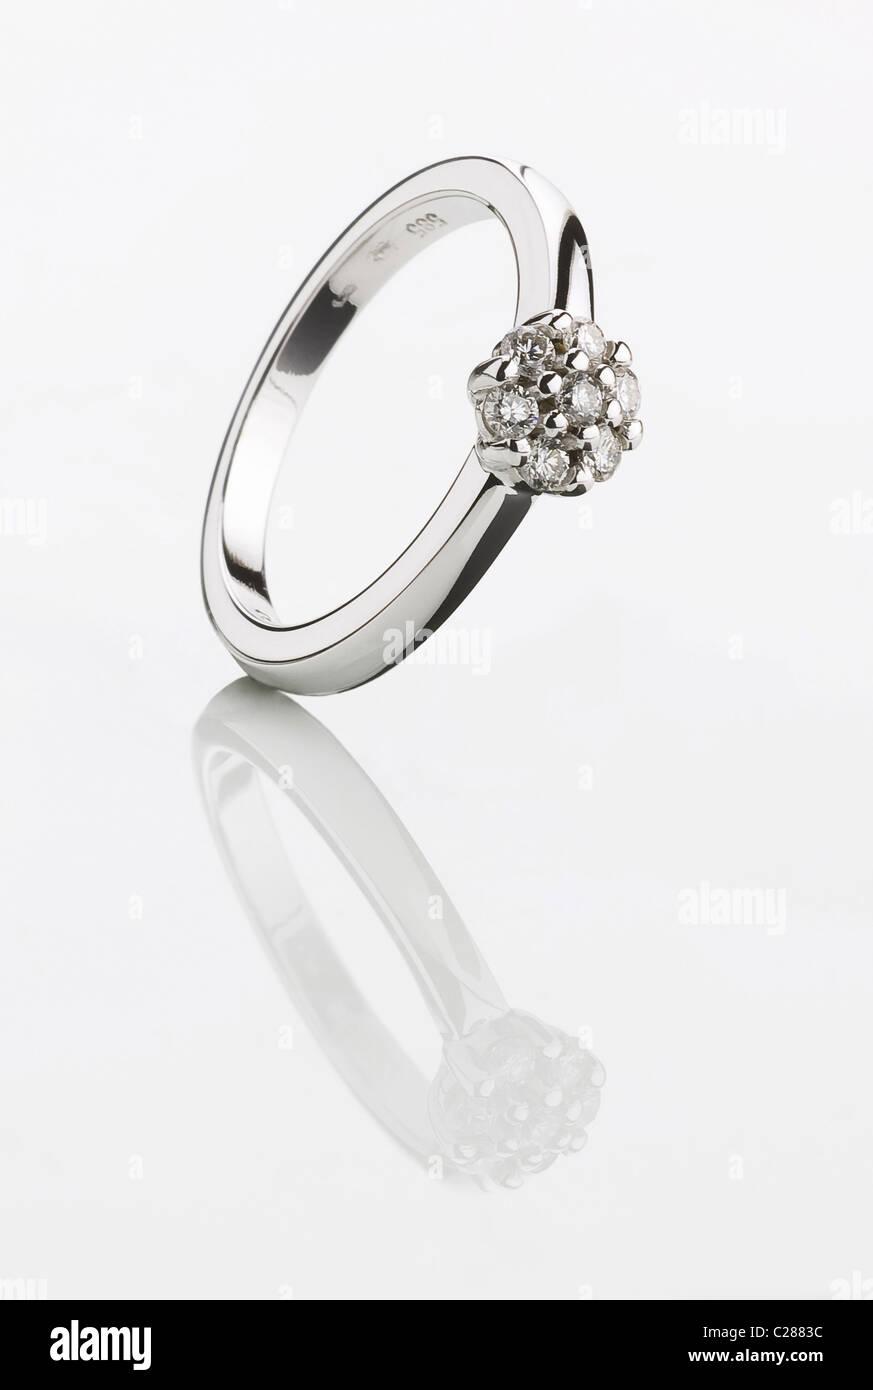 Schöne Silber Ring mit Edelsteinen - Studio Stockbild